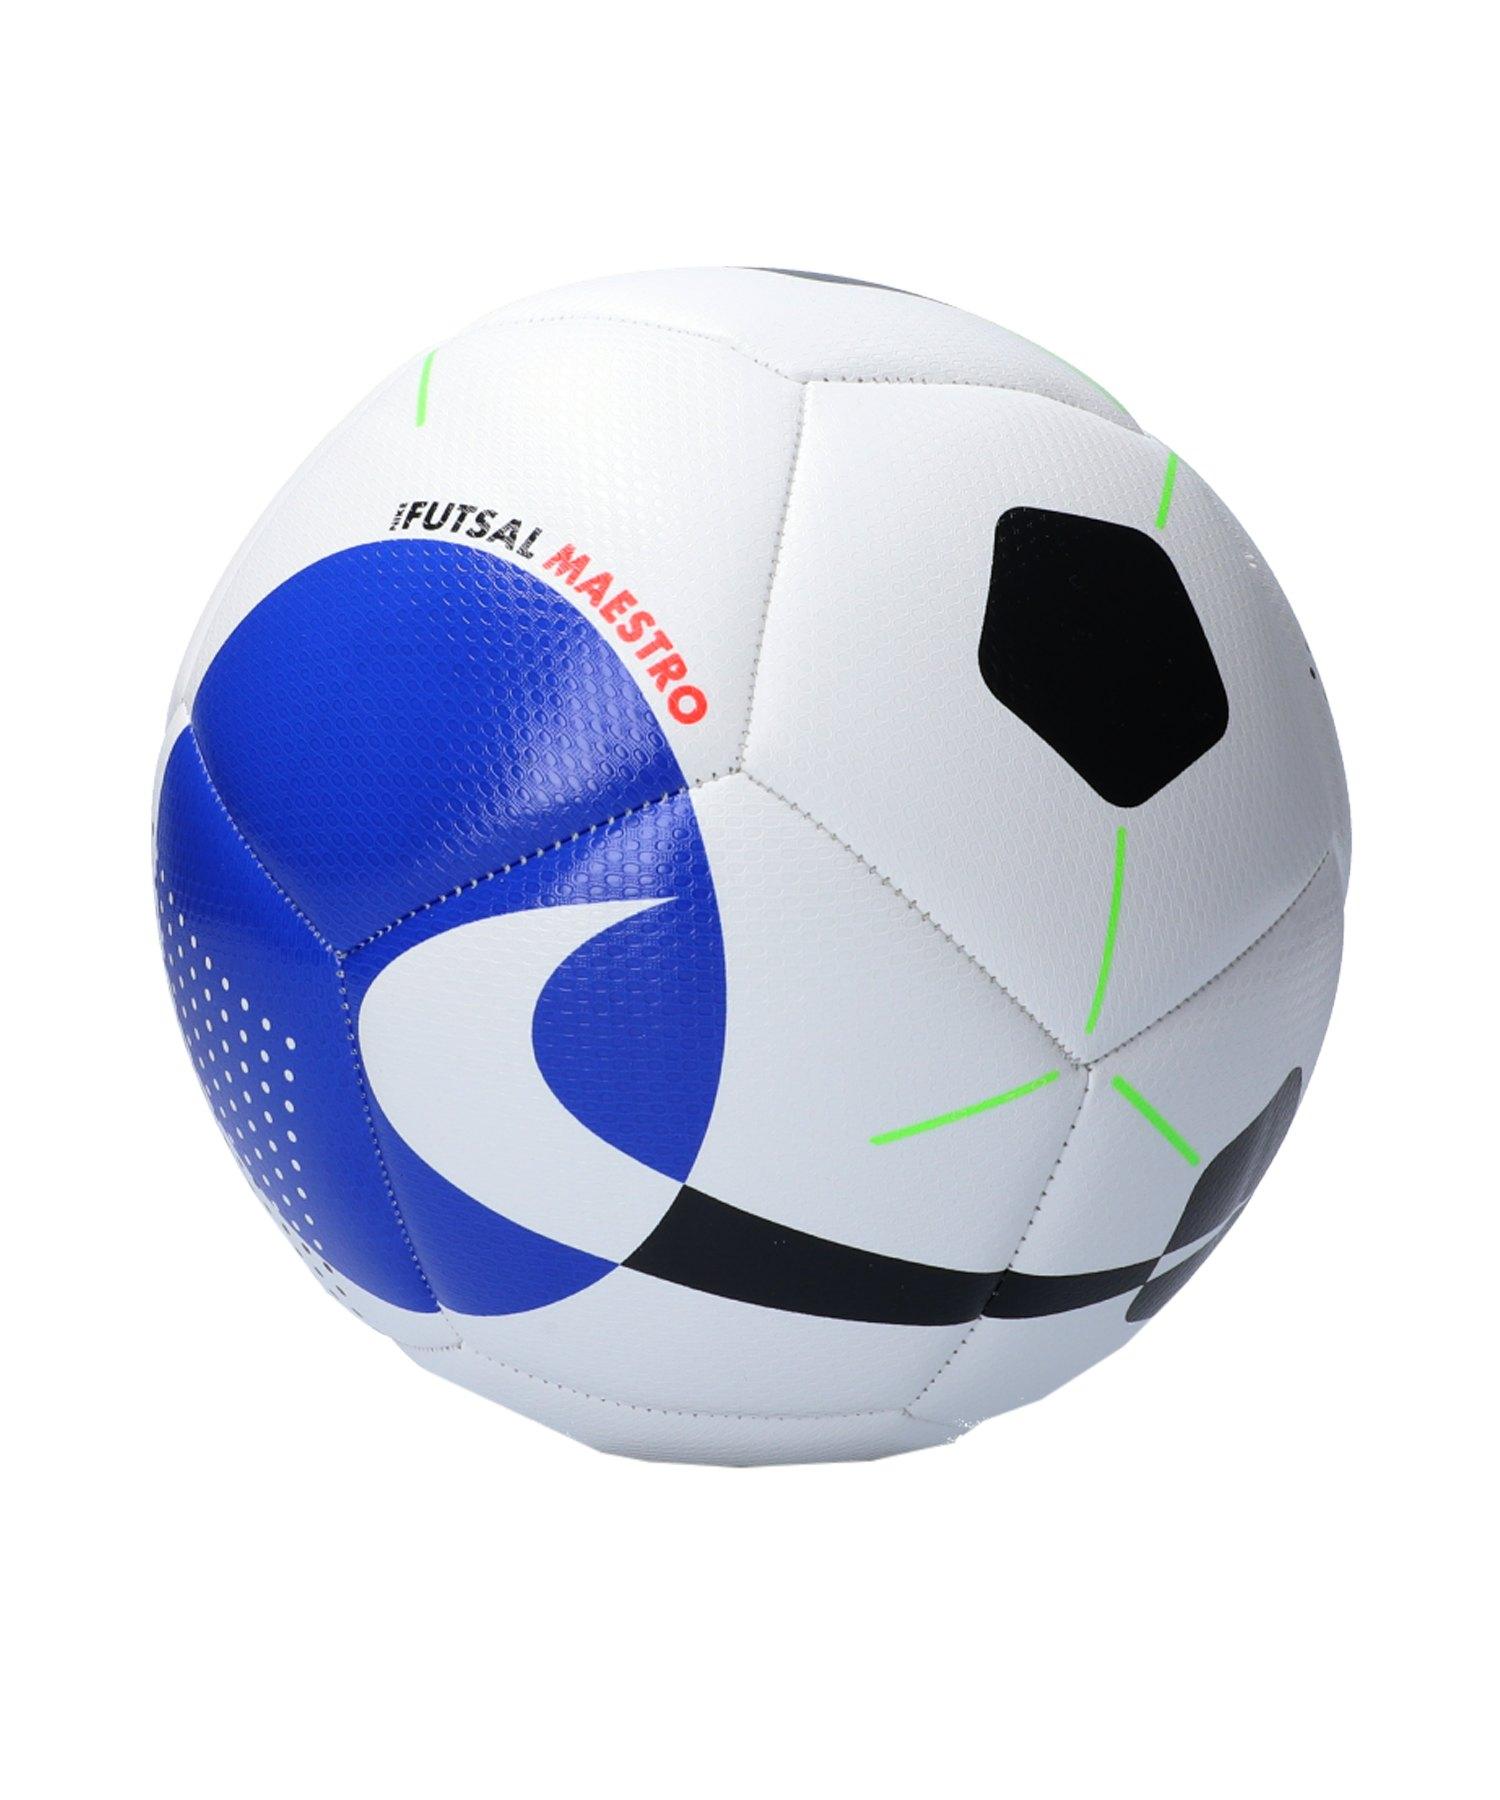 Nike Maestro Trainingsball Weiss Blau F100 - weiss